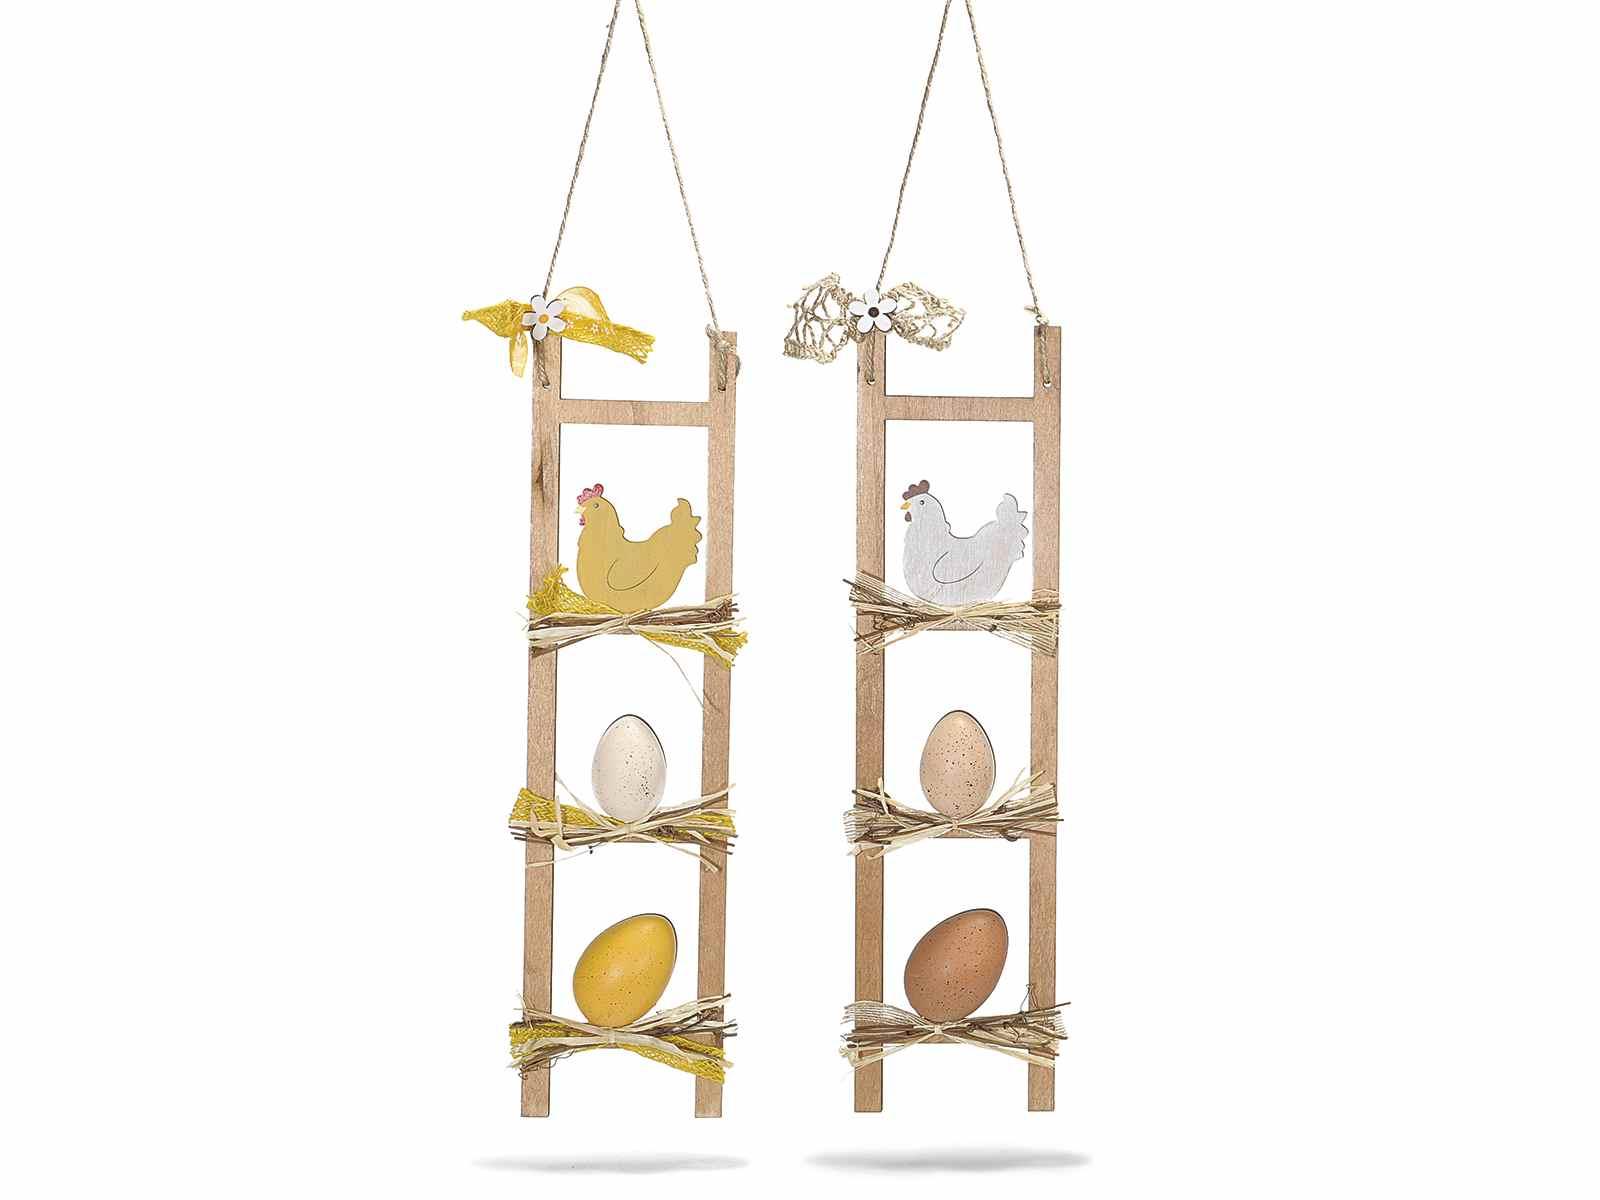 Scaletta decorativa con uova e gallina da appendere - Scala decorativa ikea ...